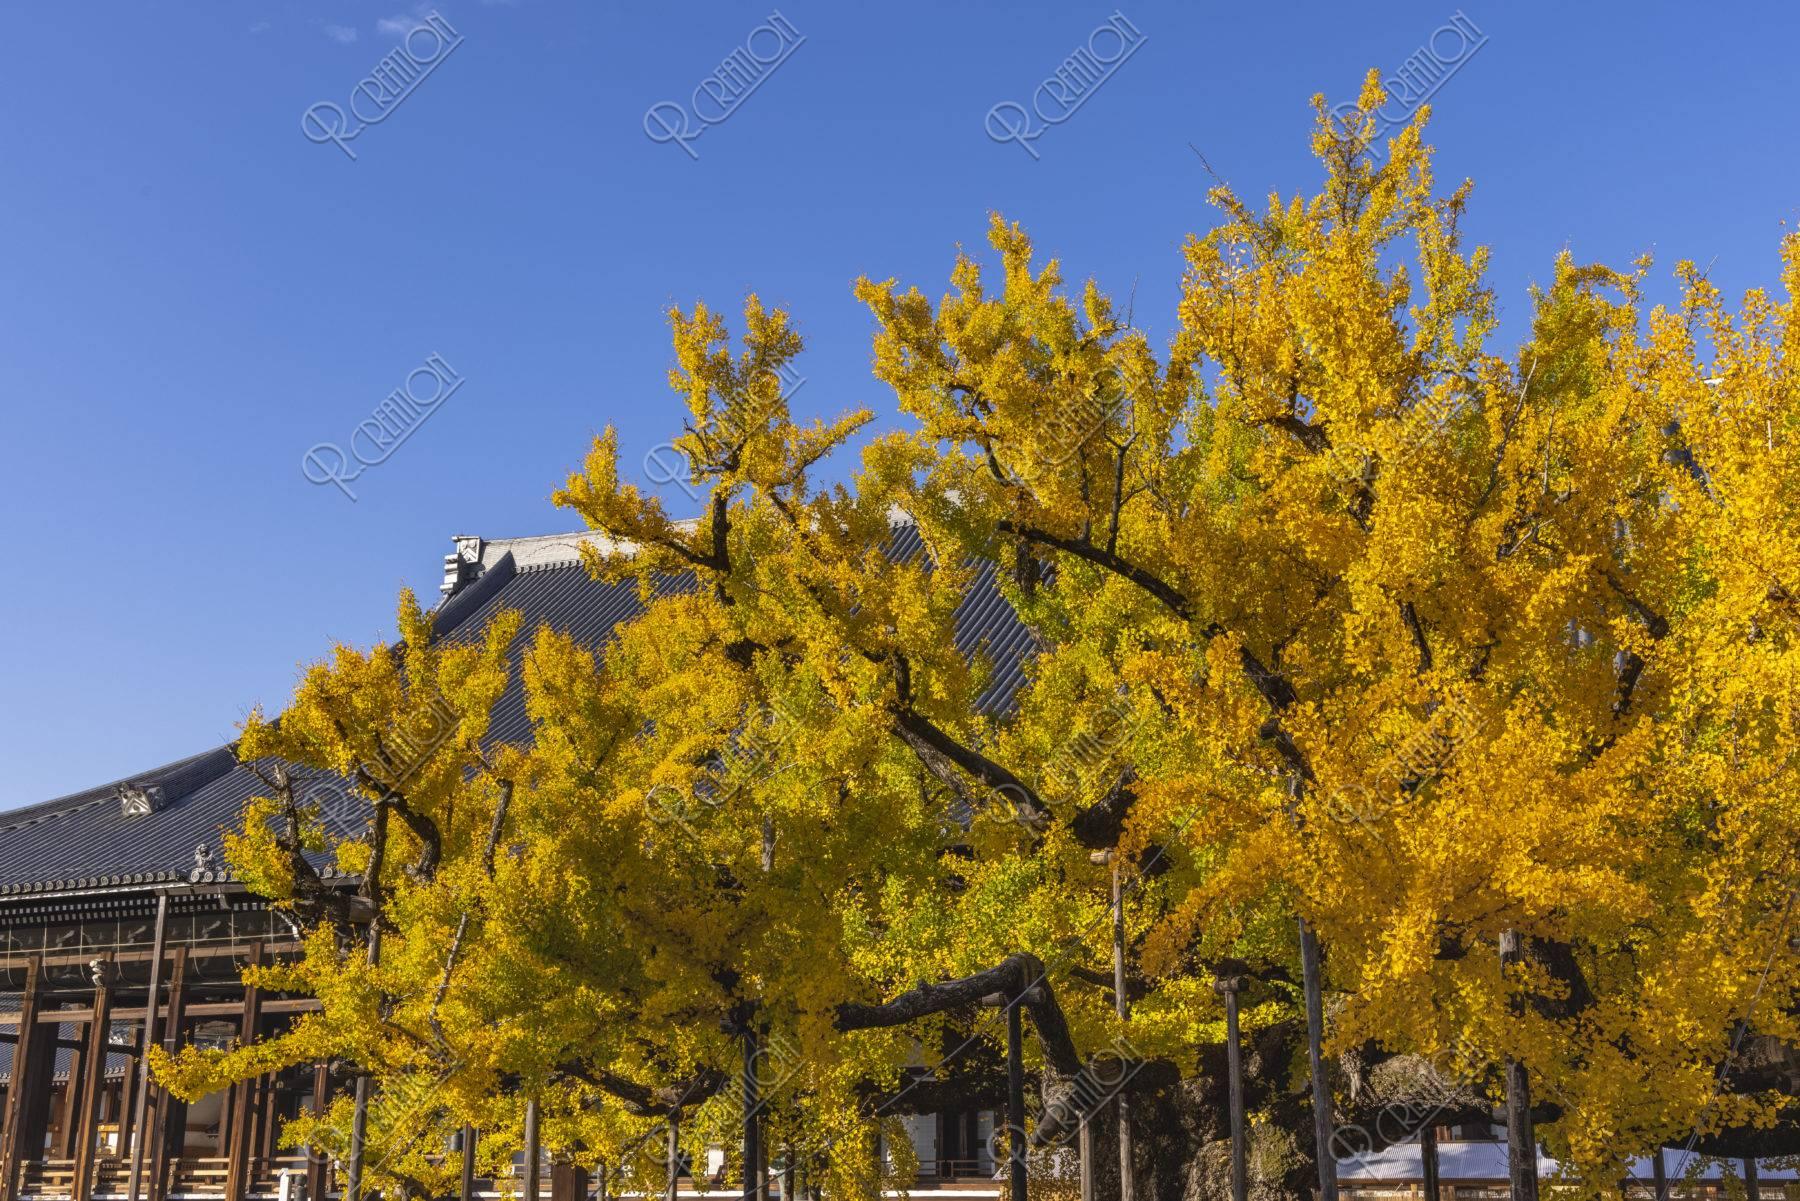 西本願寺御影堂と銀杏